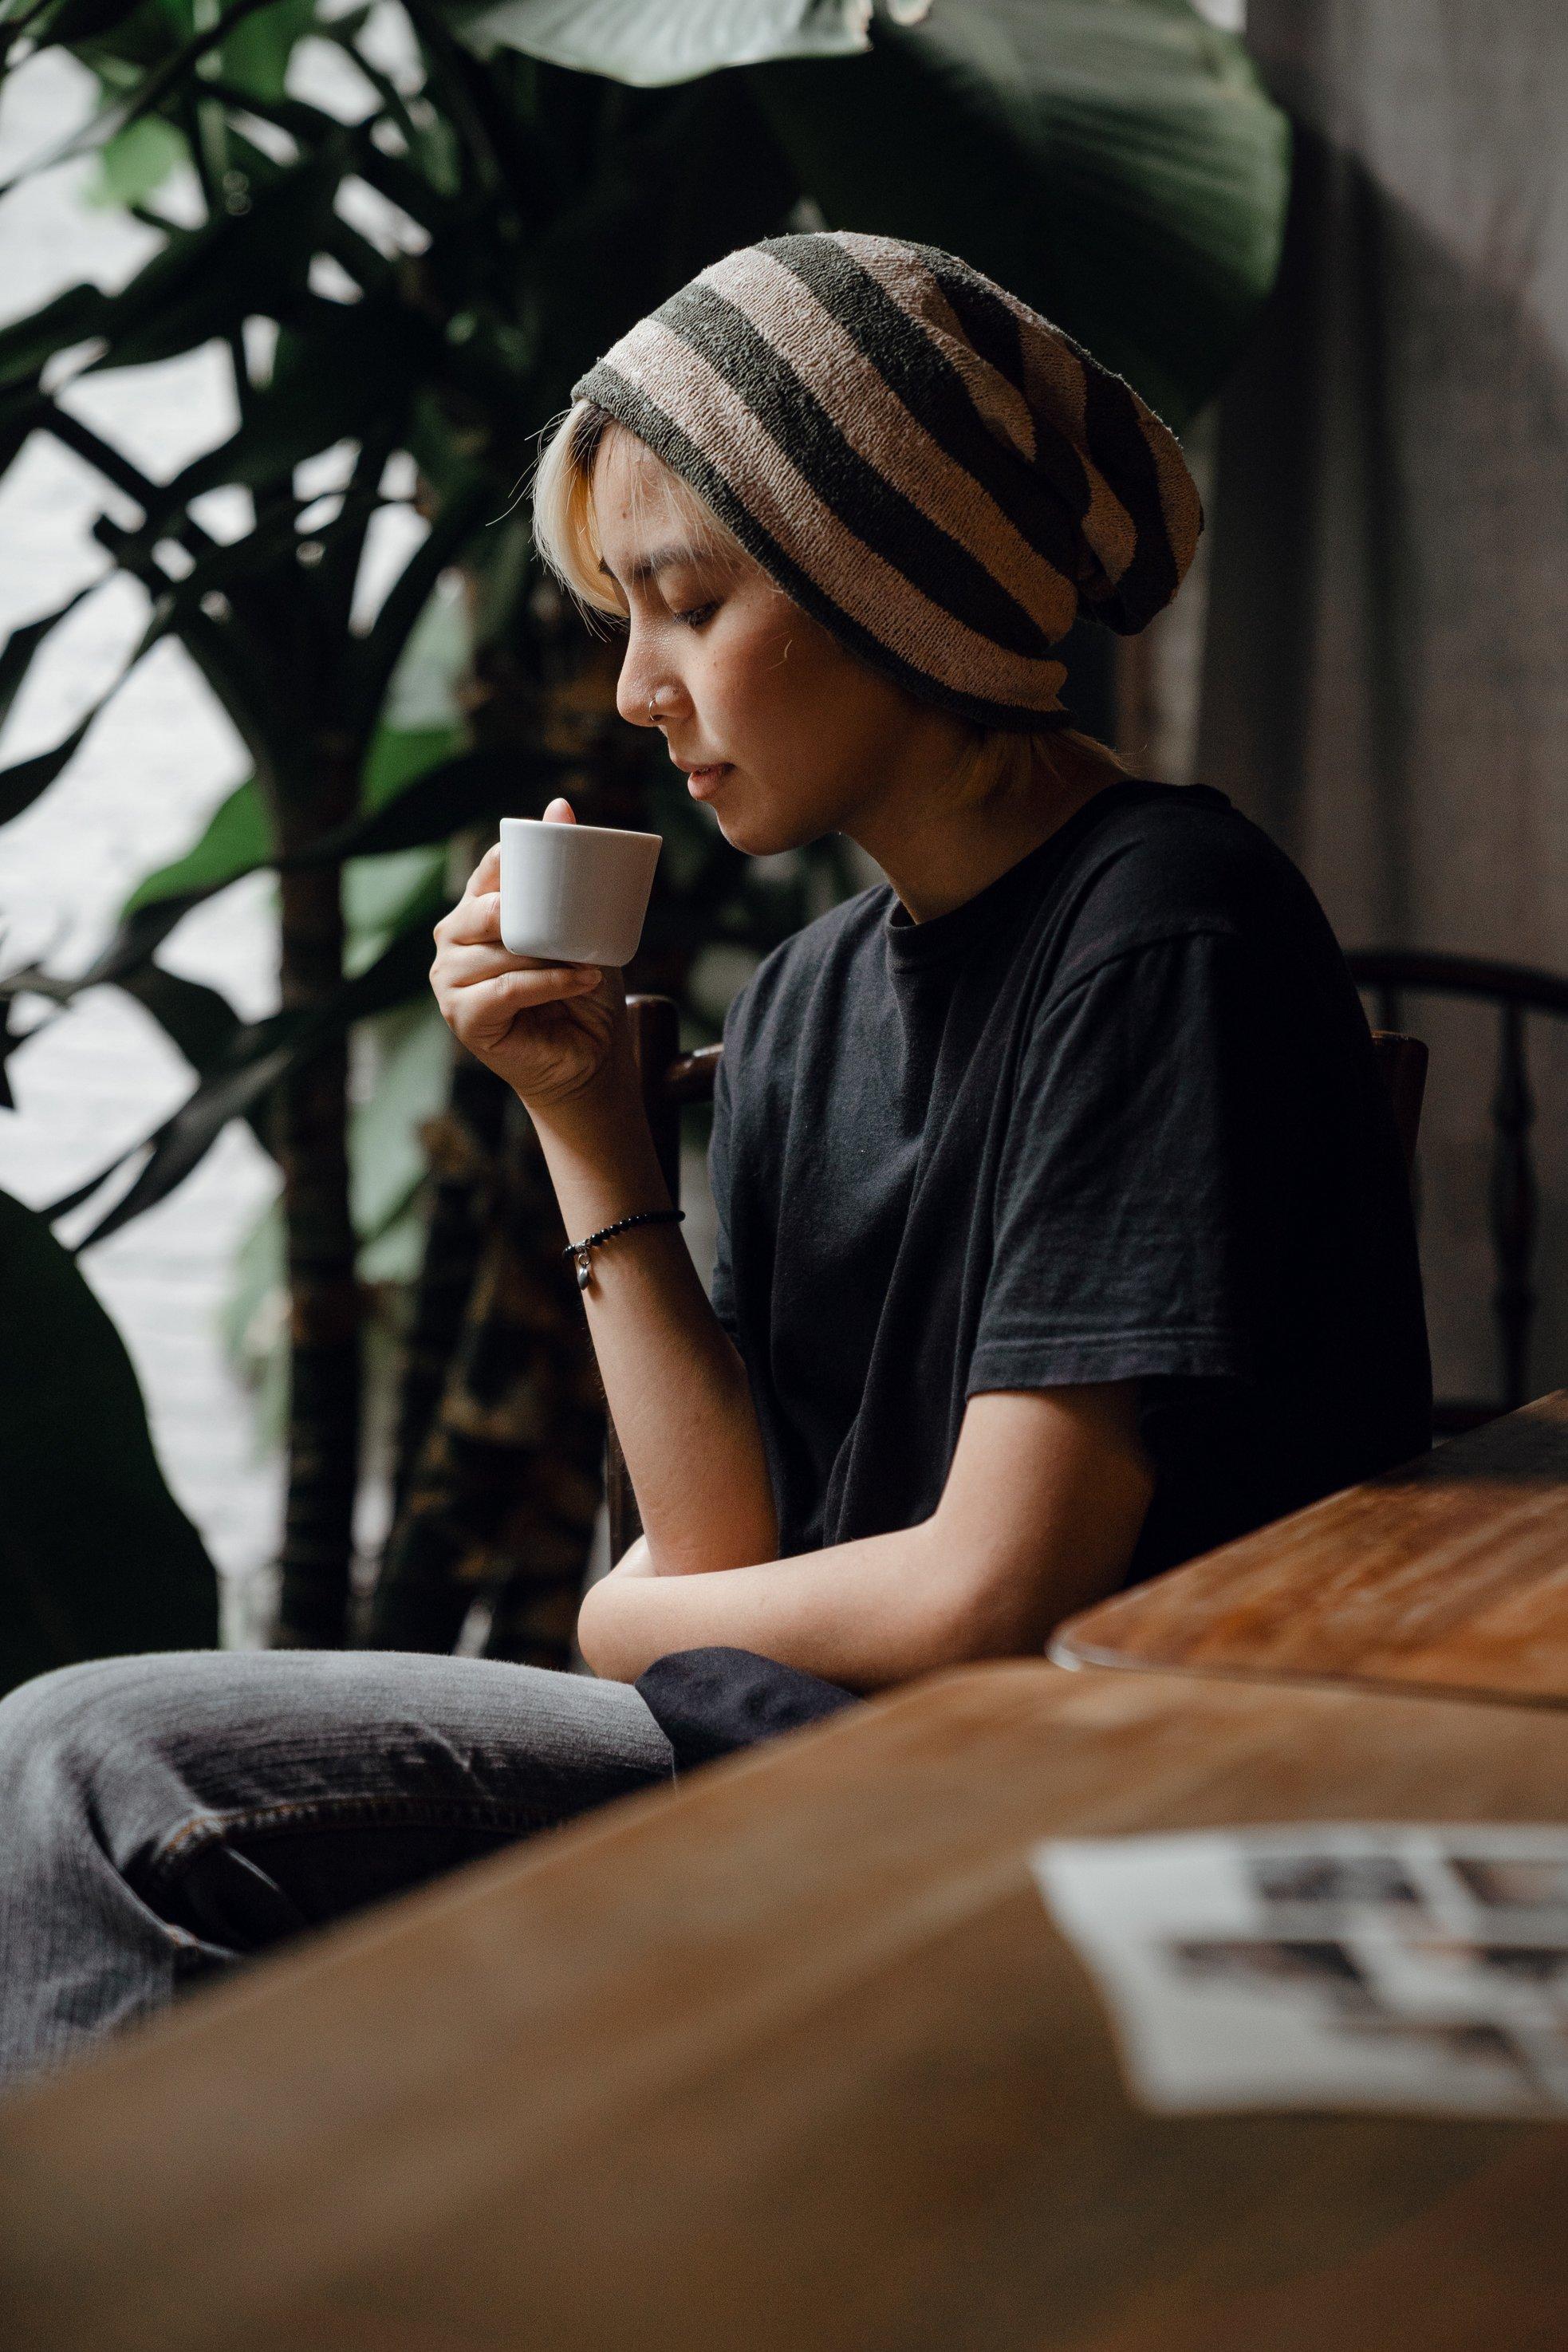 riêng tư cô gái uống cà phê